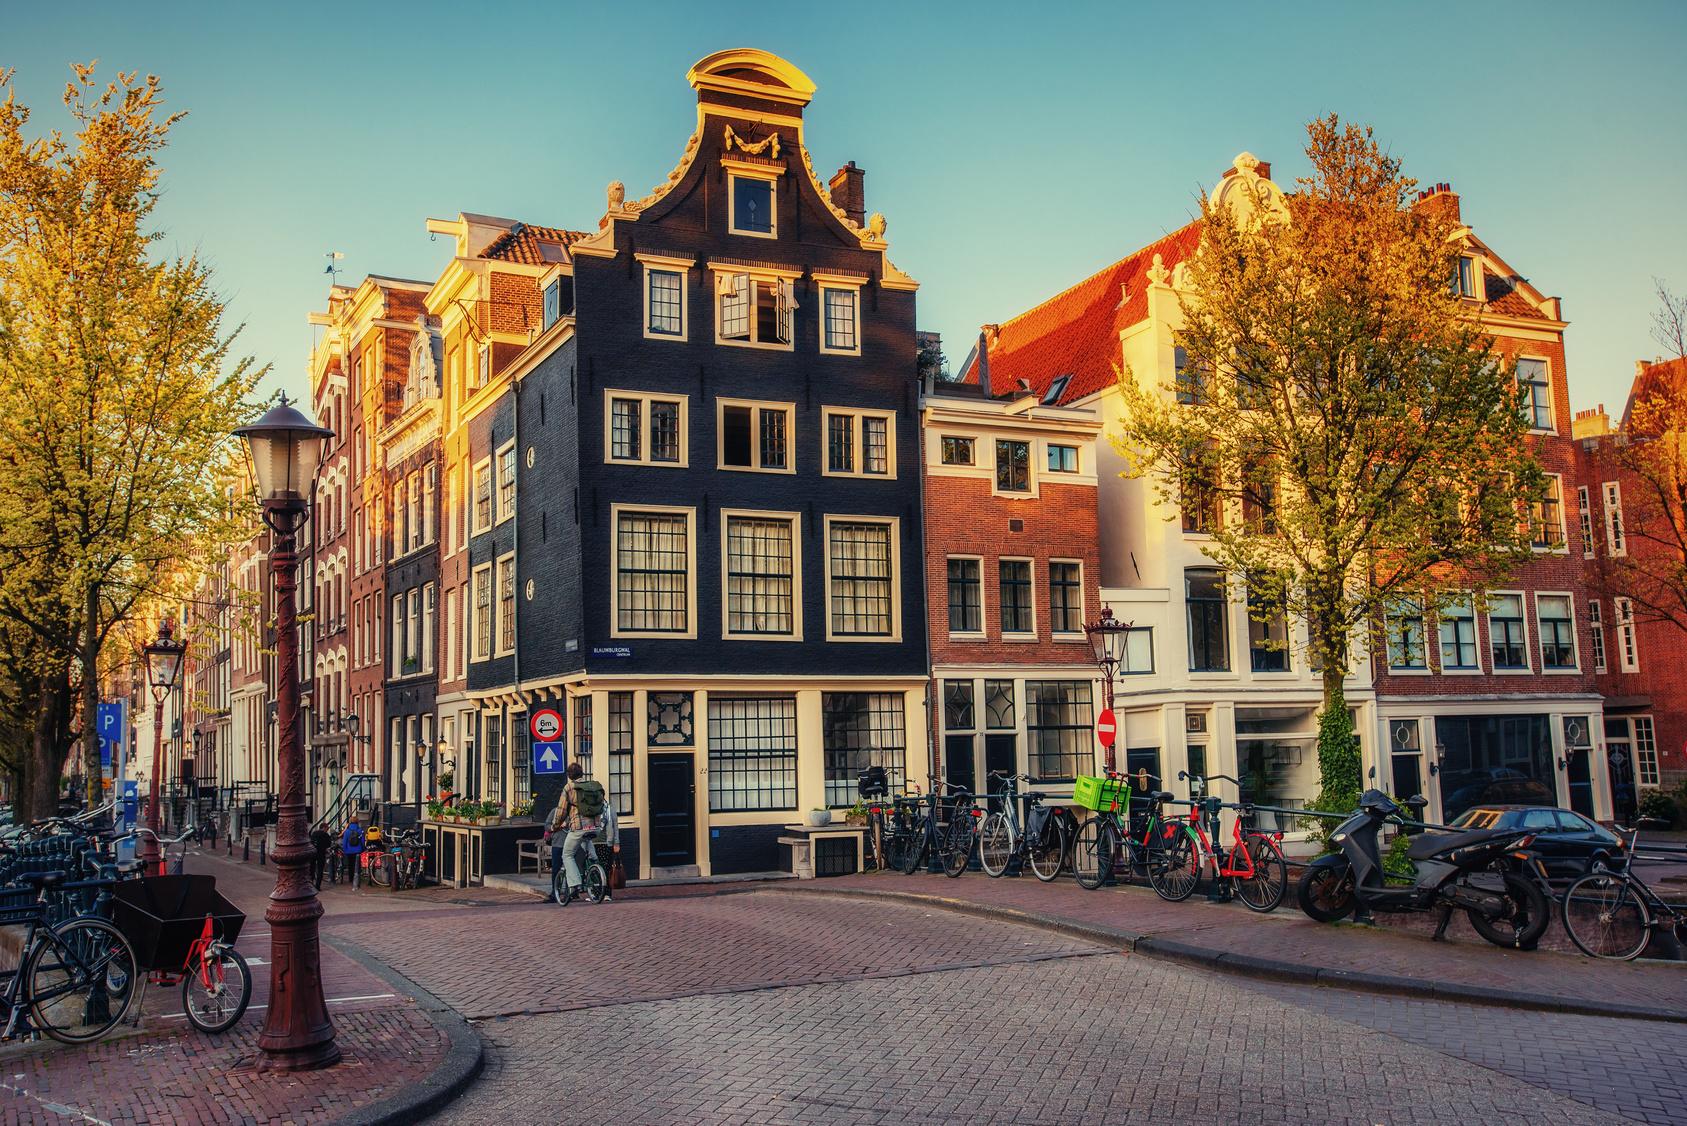 Der Junggesellinnenabschied Amsterdam ist eine unserer beliebtesten Vorschläge.